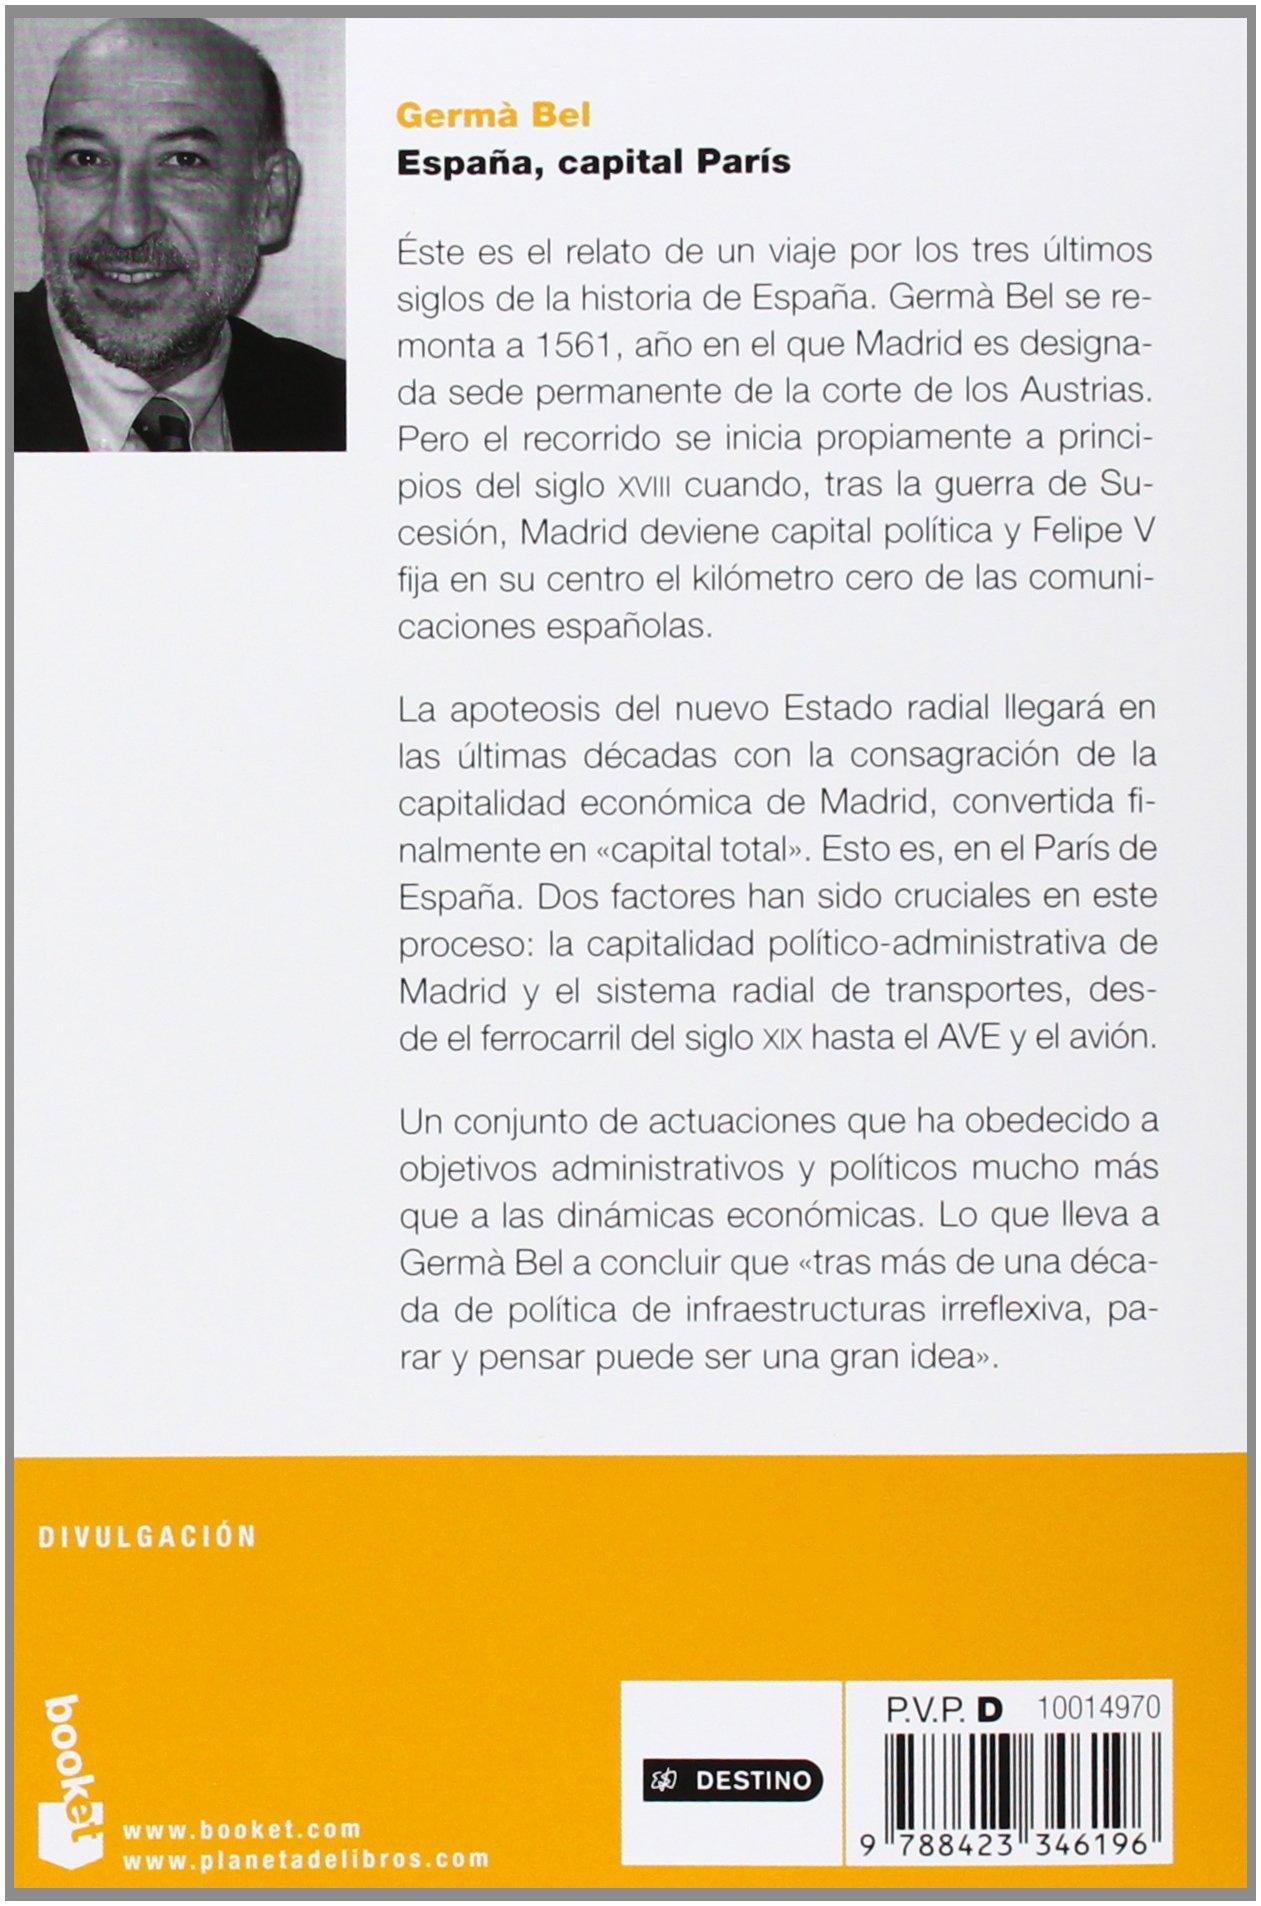 España, capital París: ¿Por qué España construye tantas infraestructuras que no se usan?: una respuesta económica al problema político Divulgación: Amazon.es: Bel, Germà: Libros